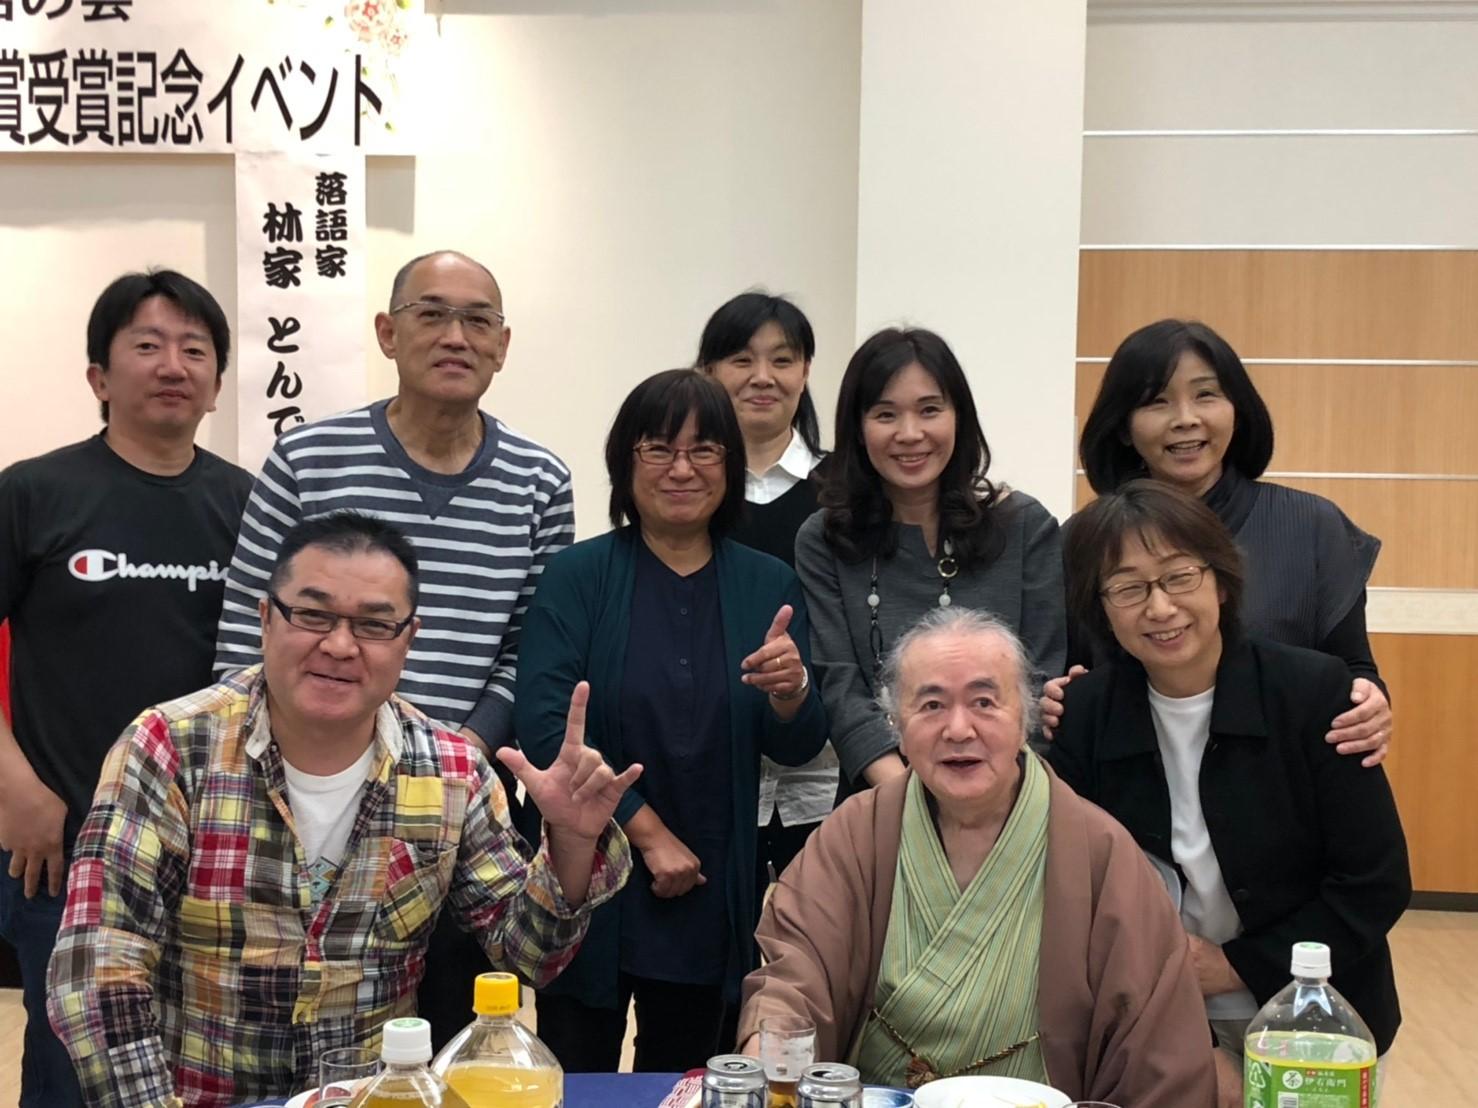 道新ボランティア奨励賞受賞記念イベント